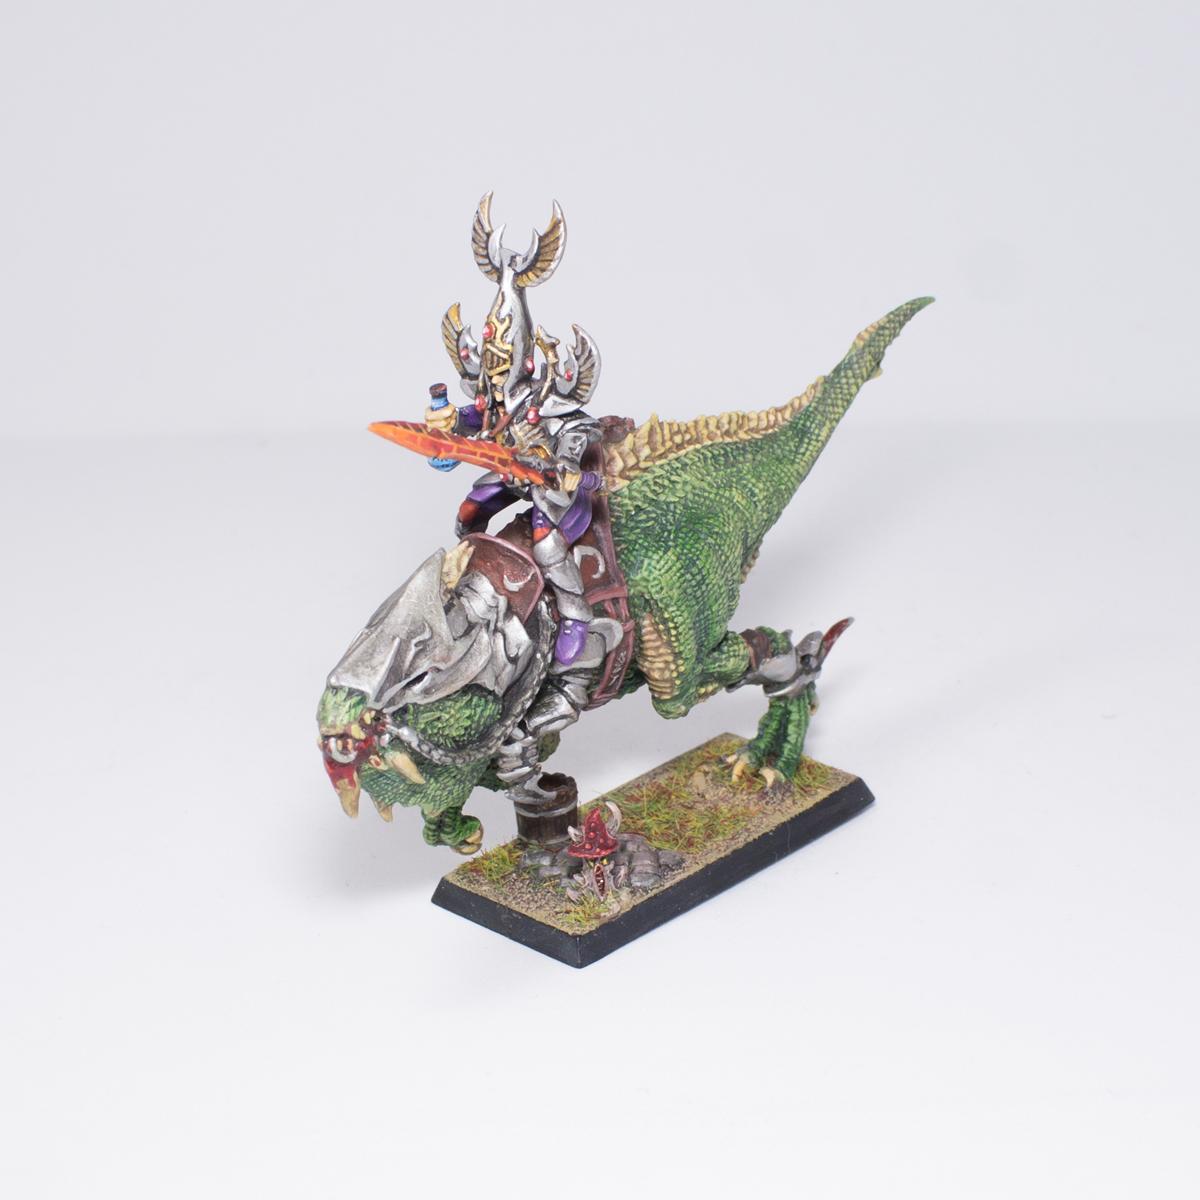 Senza tasse Painted Miniature  Dark Knight on Prossoator giocozone, giocozone, giocozone, fantasyc.Warhammer  acquistare ora